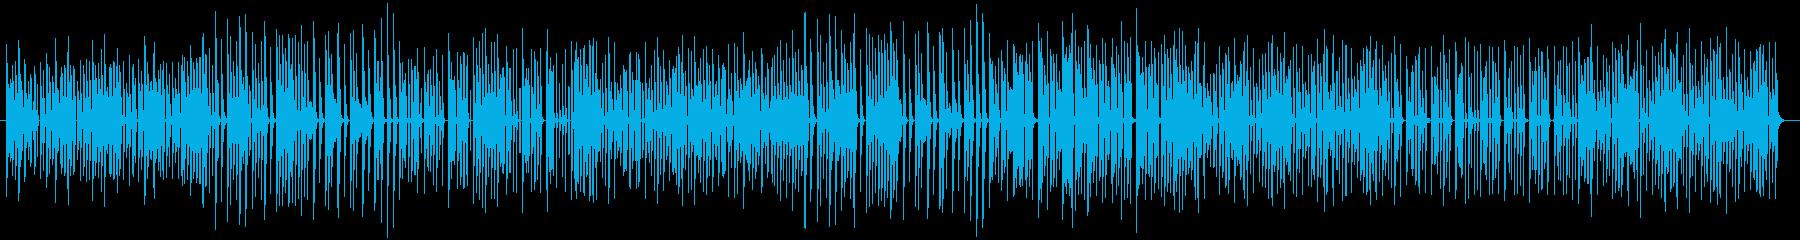 過去の素晴らしいビデオゲーム音楽に...の再生済みの波形